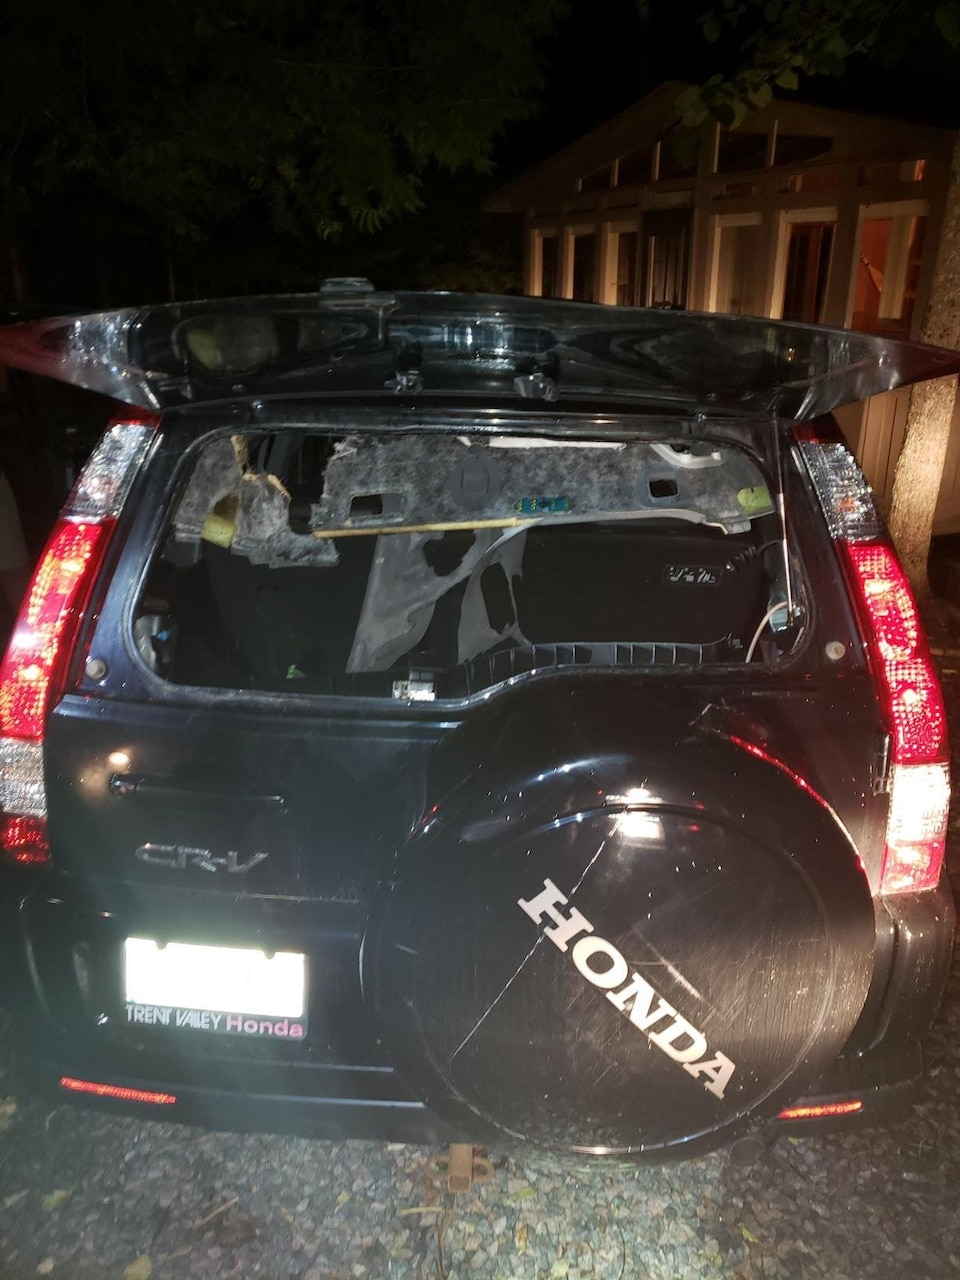 Vue arrière du véhicule avec une fenêtre cassée.